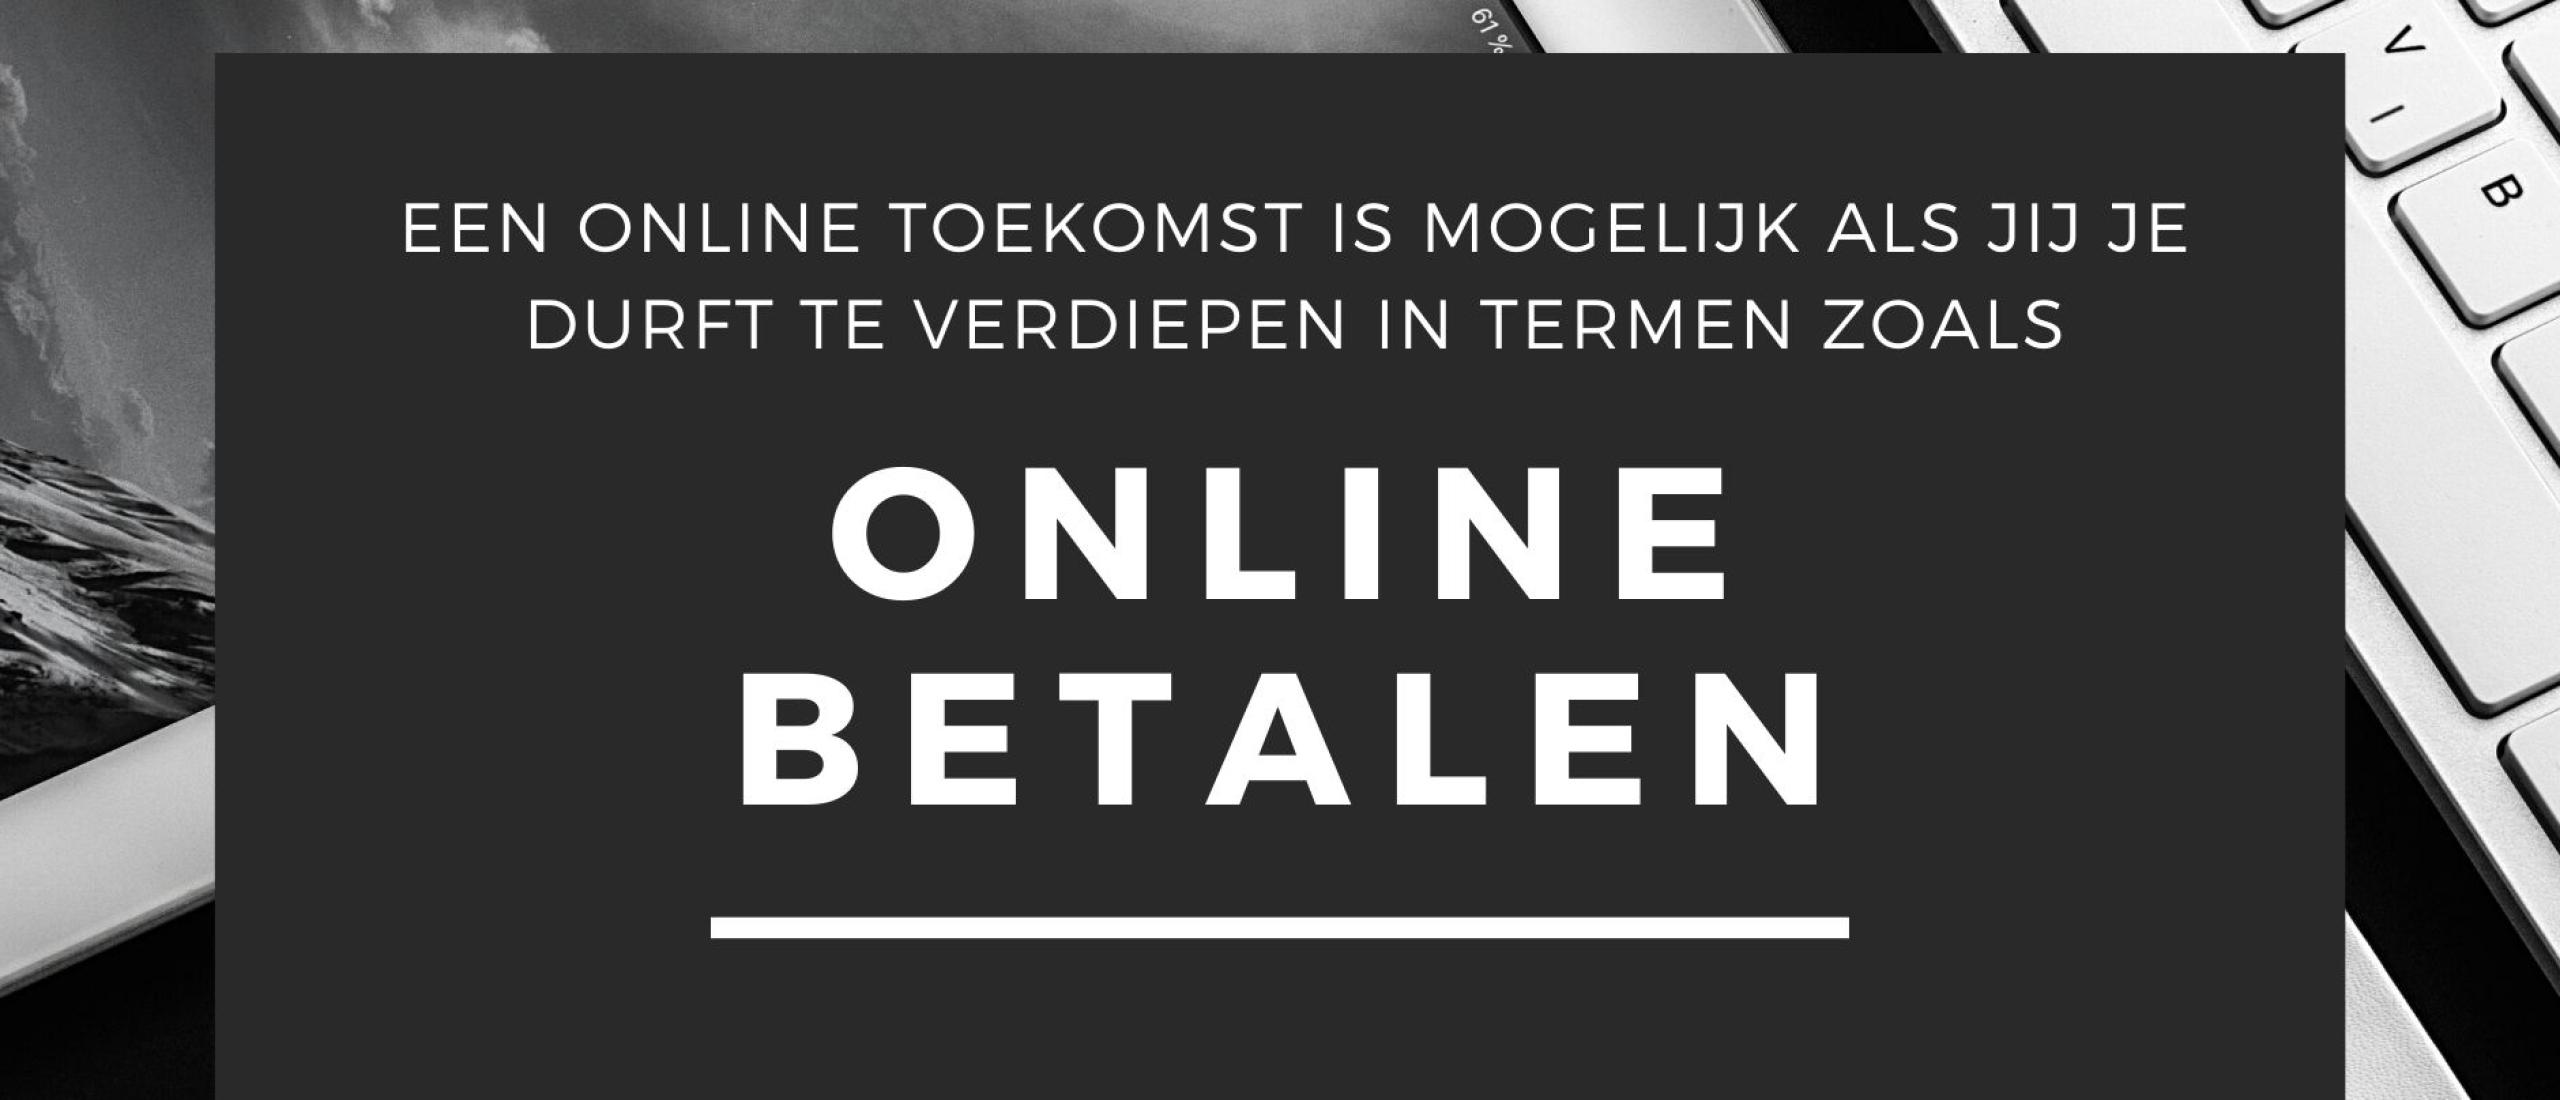 Mollie online betalen